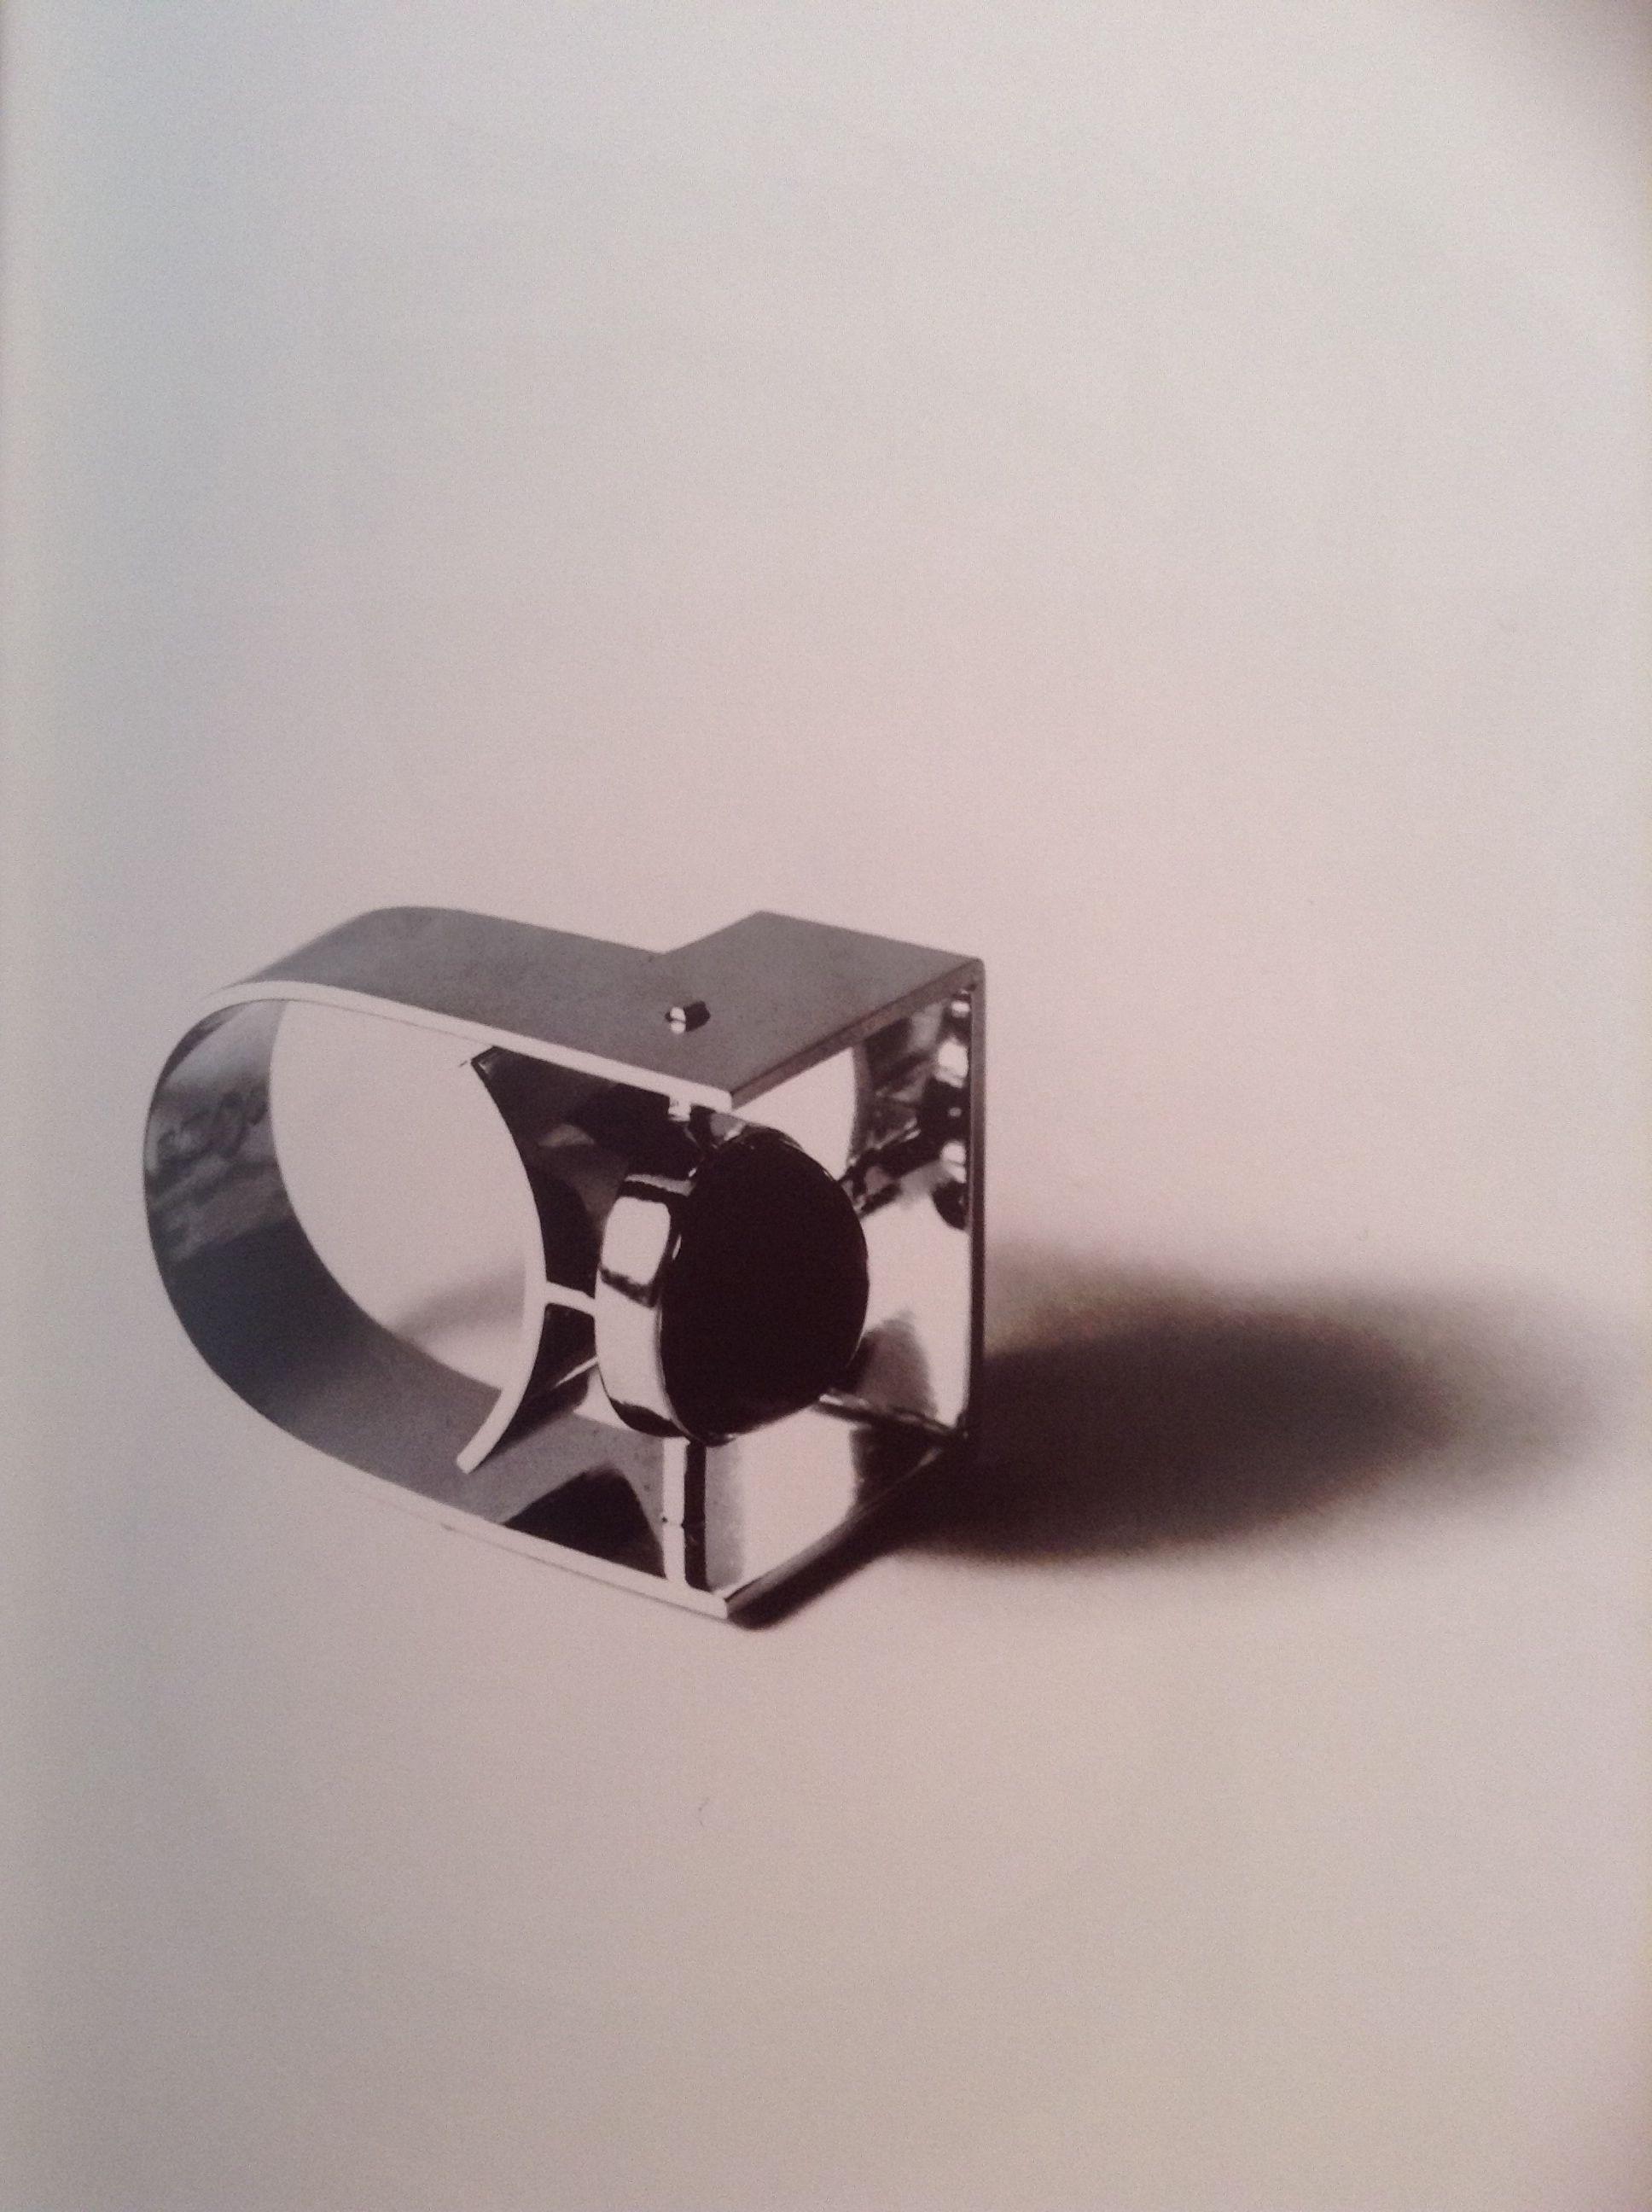 Untitled, Gijs Bakker 1963